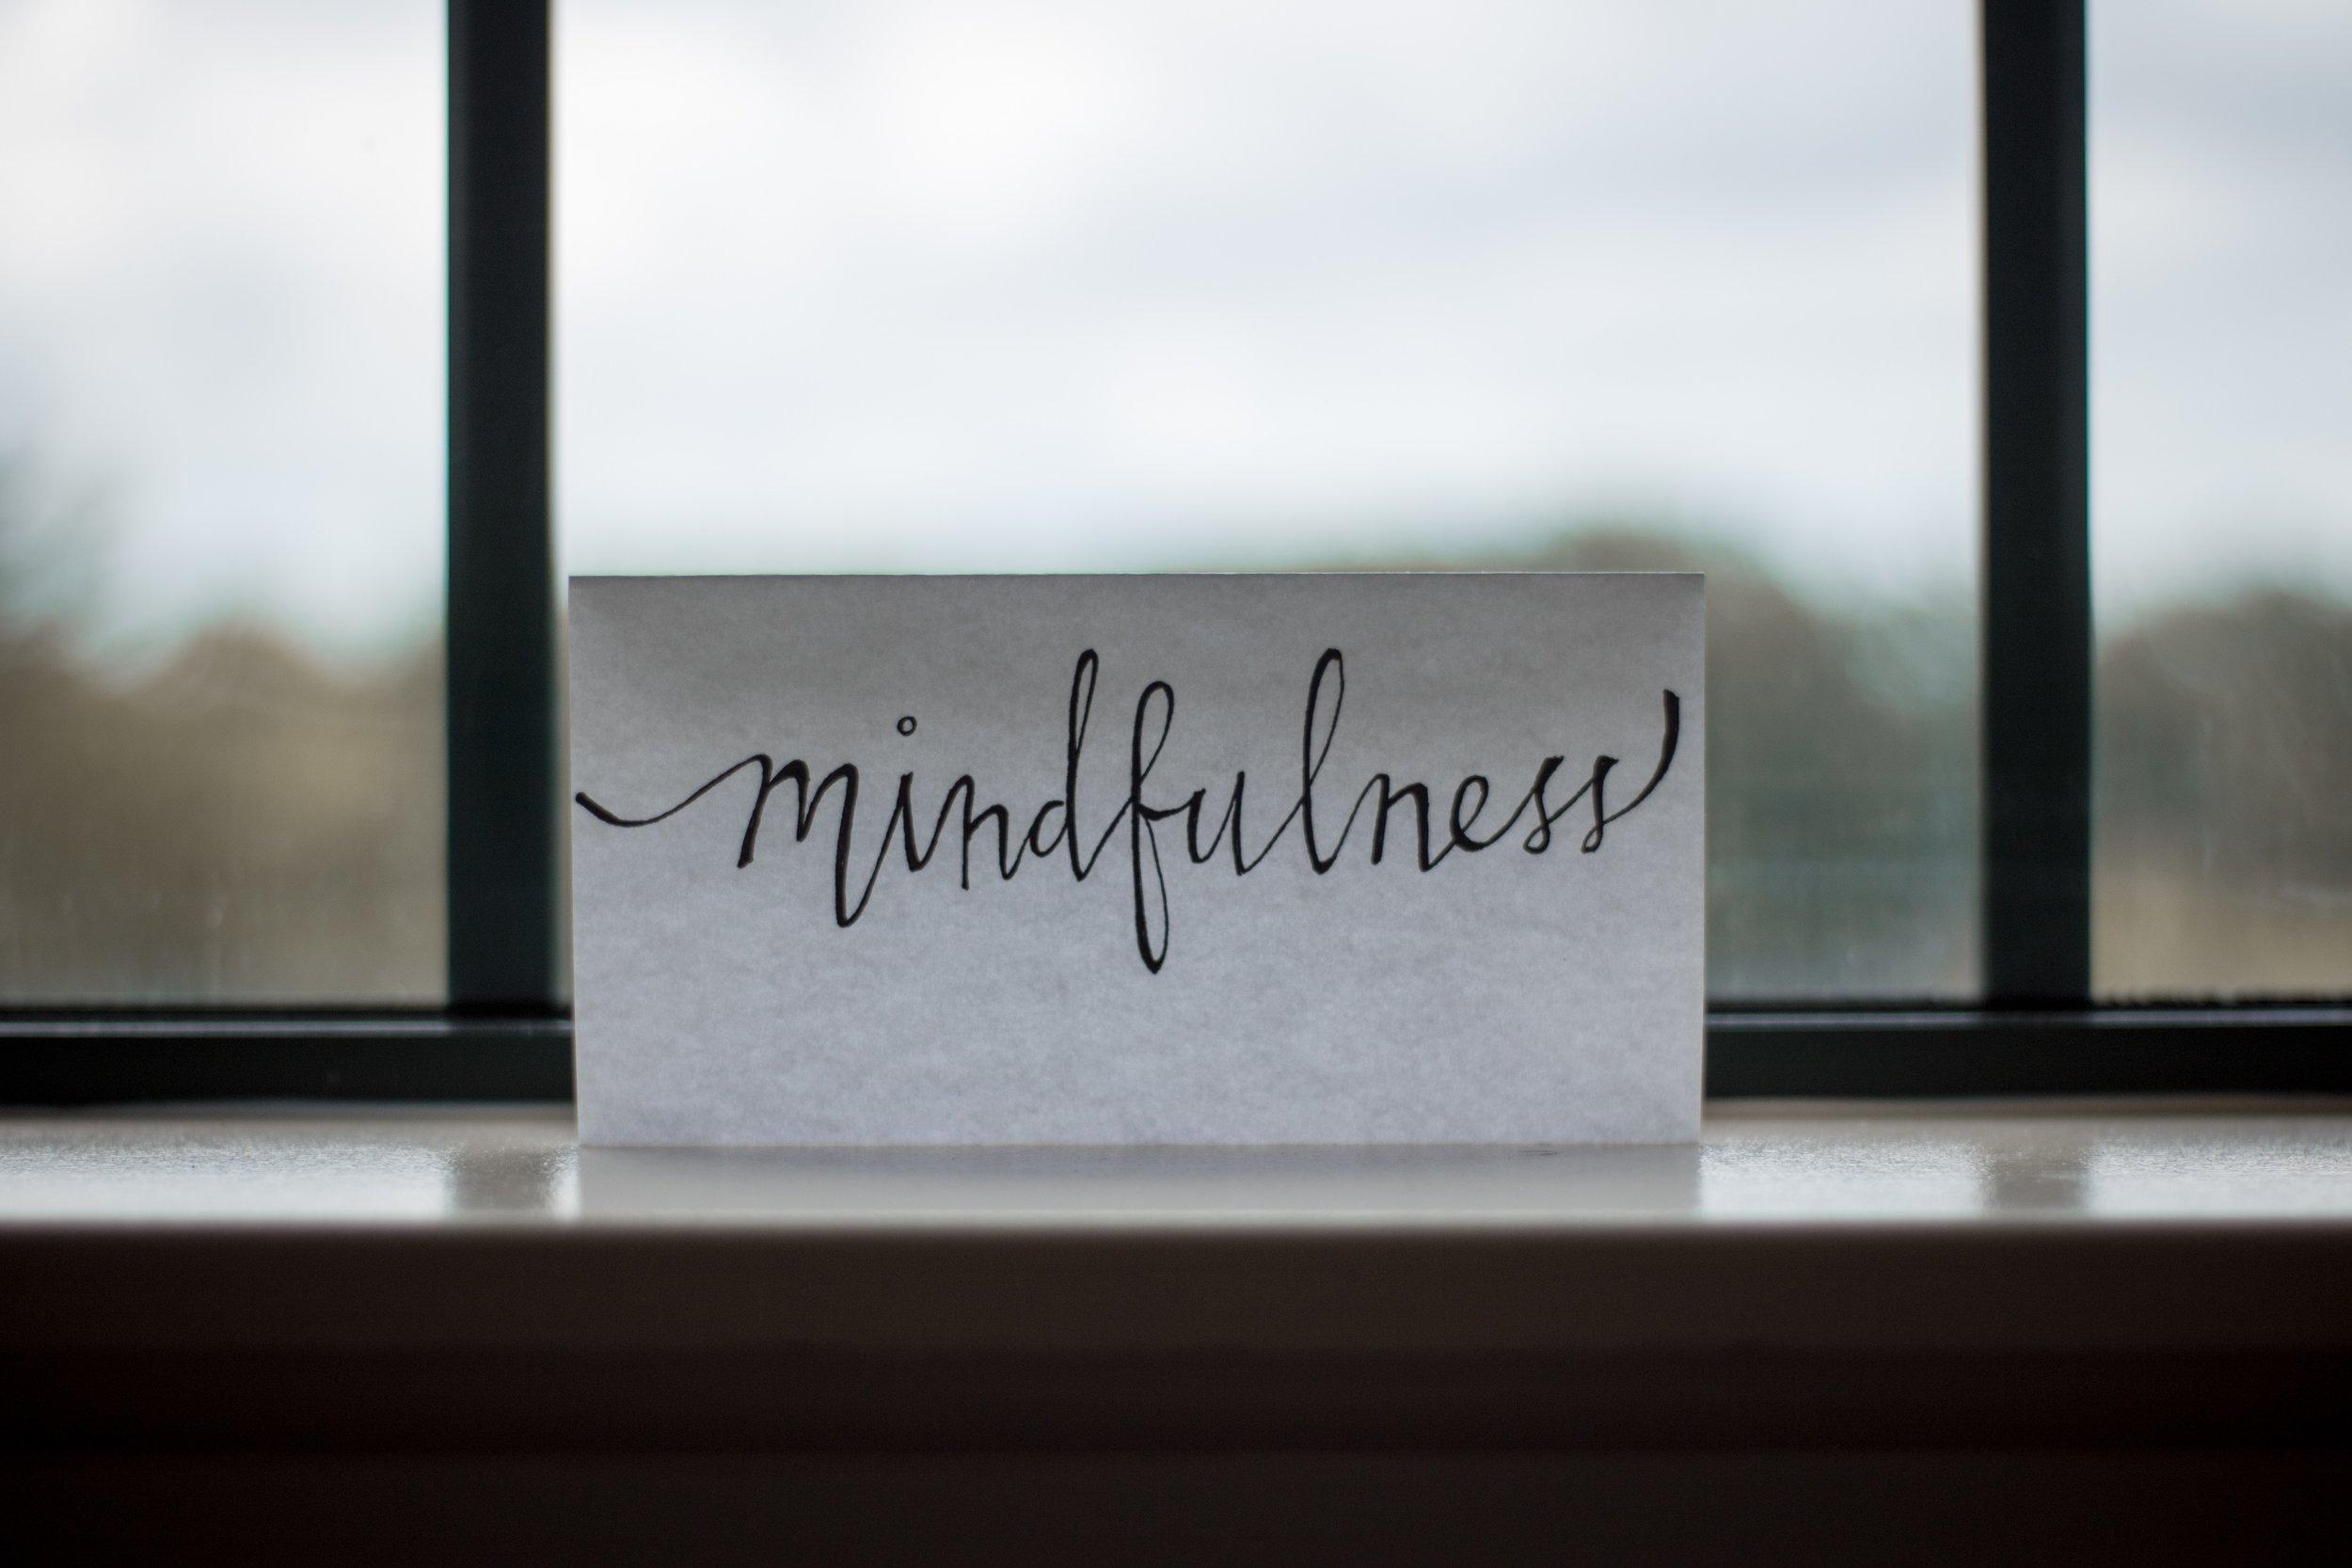 bowen-mindfulness.jpg.jpg